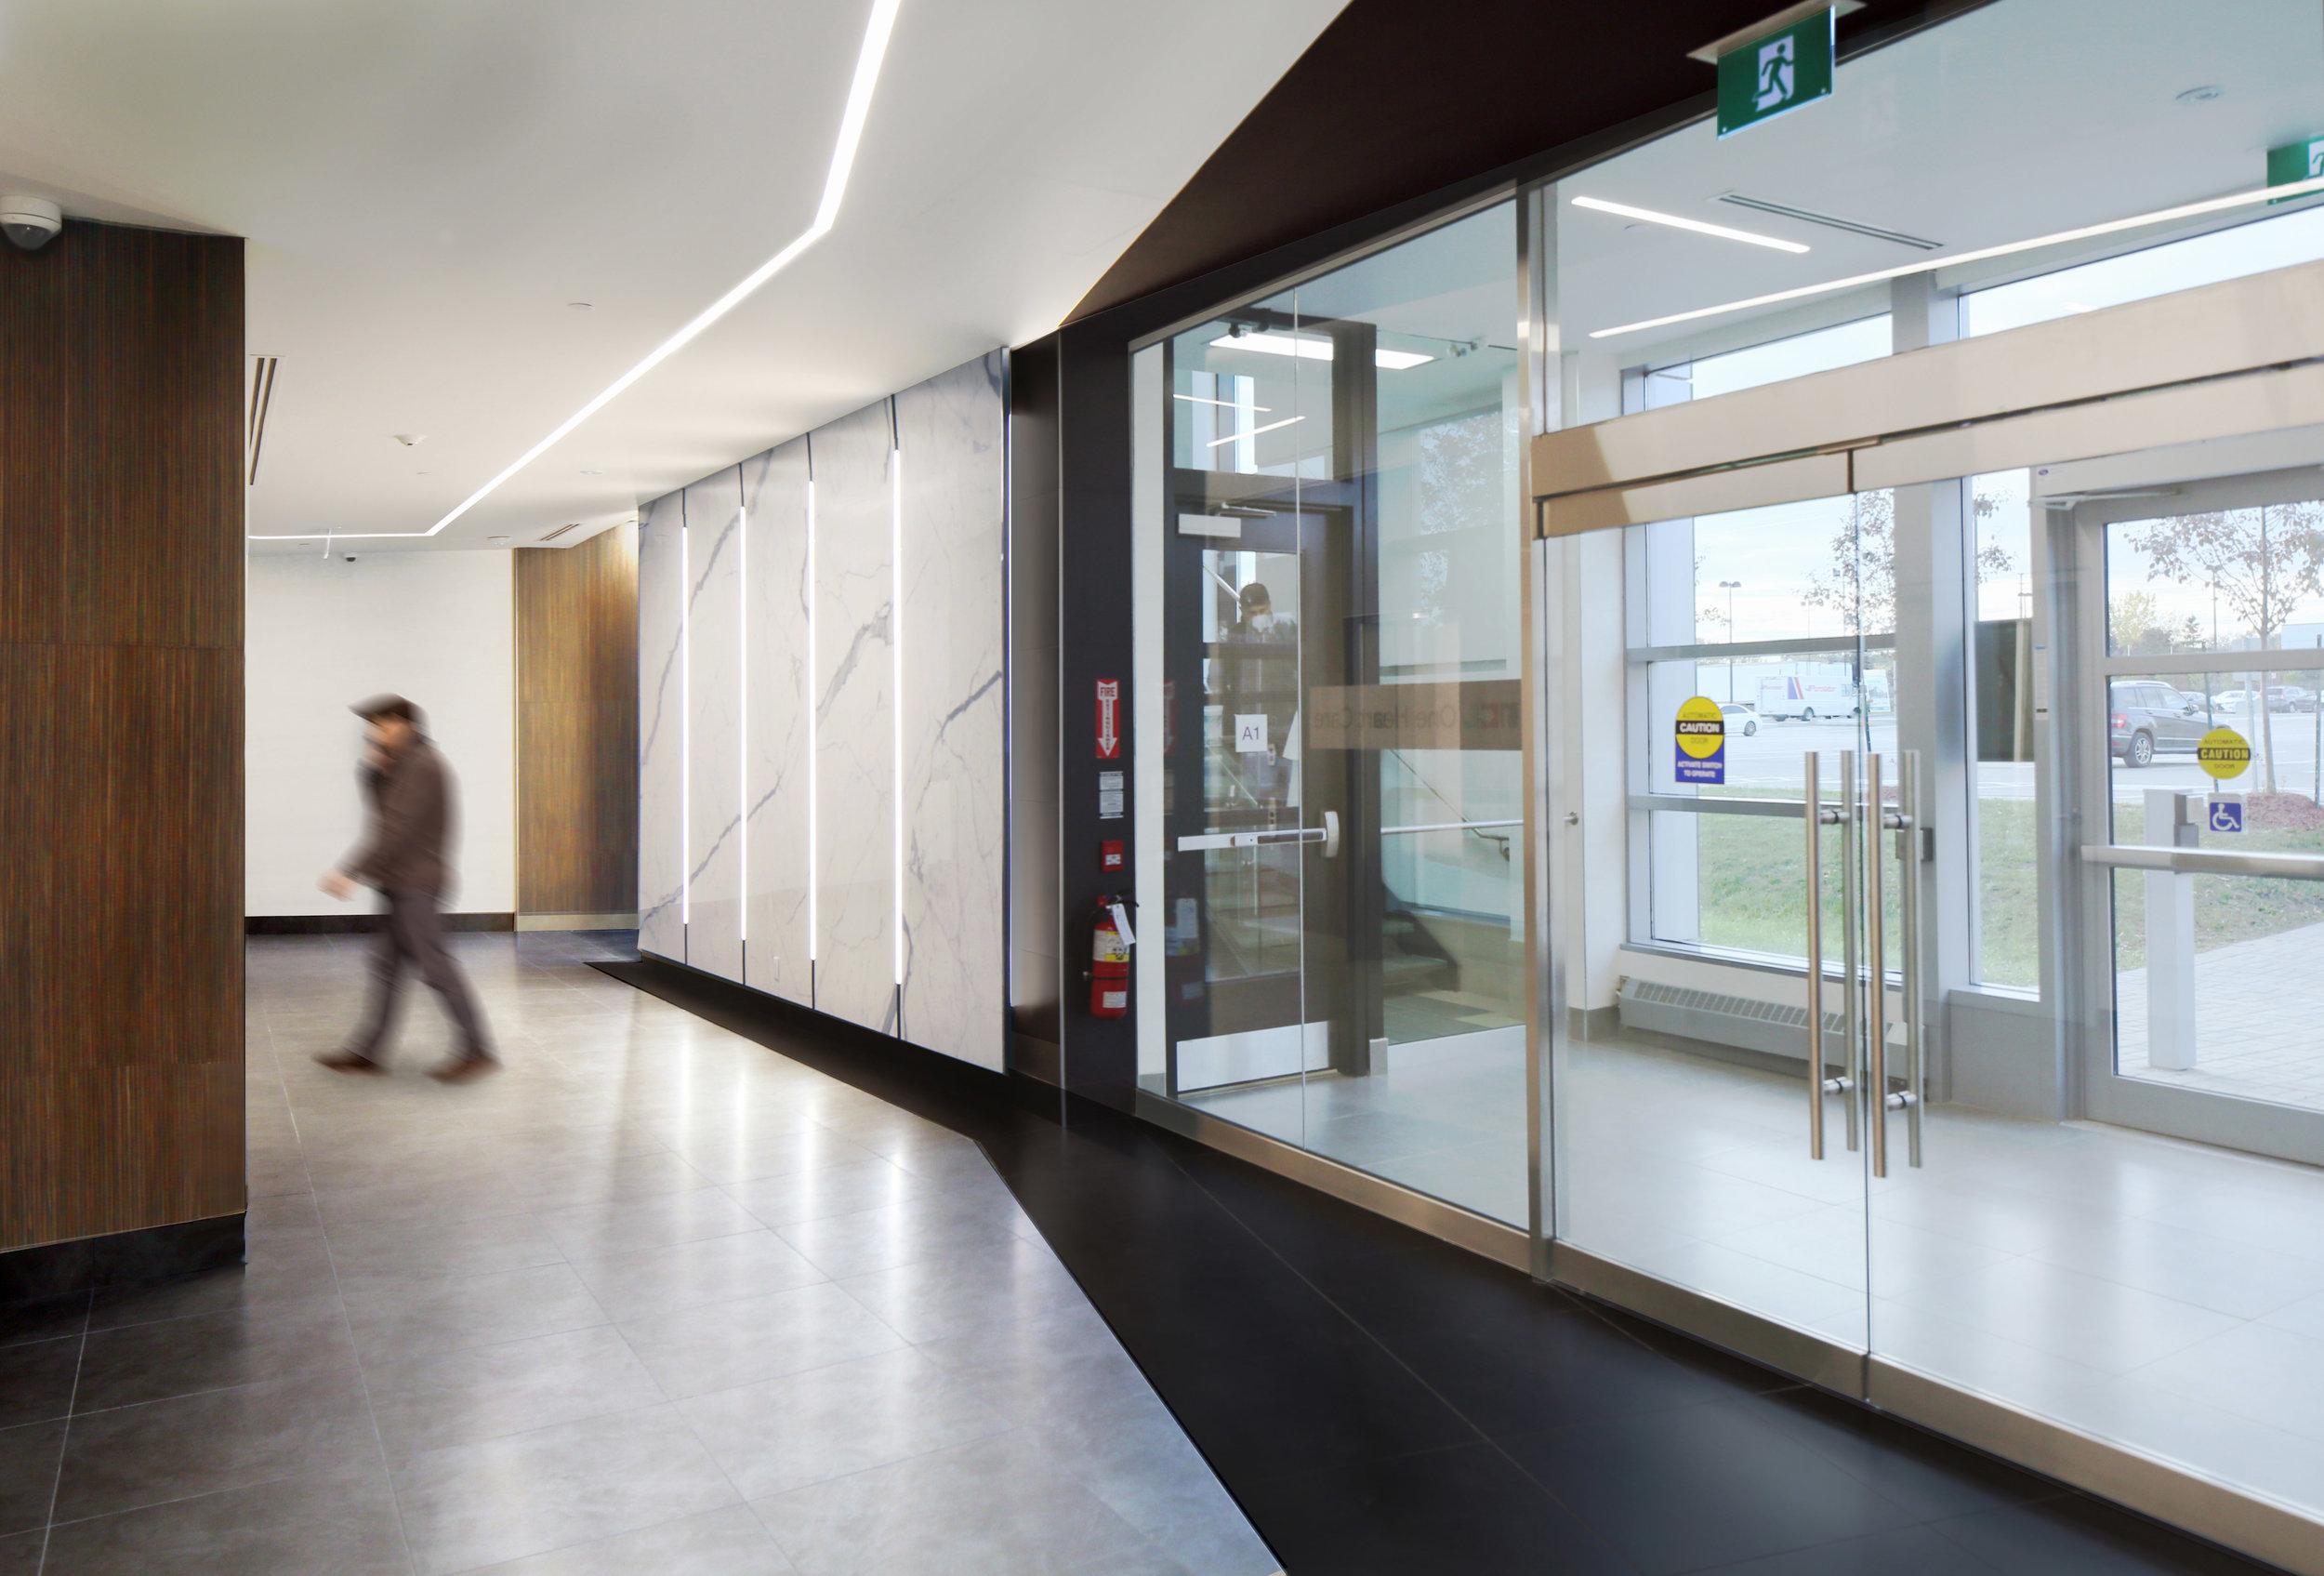 Canada_Toronto_Cardiology_medical_healthcare_design_entrance1.jpg